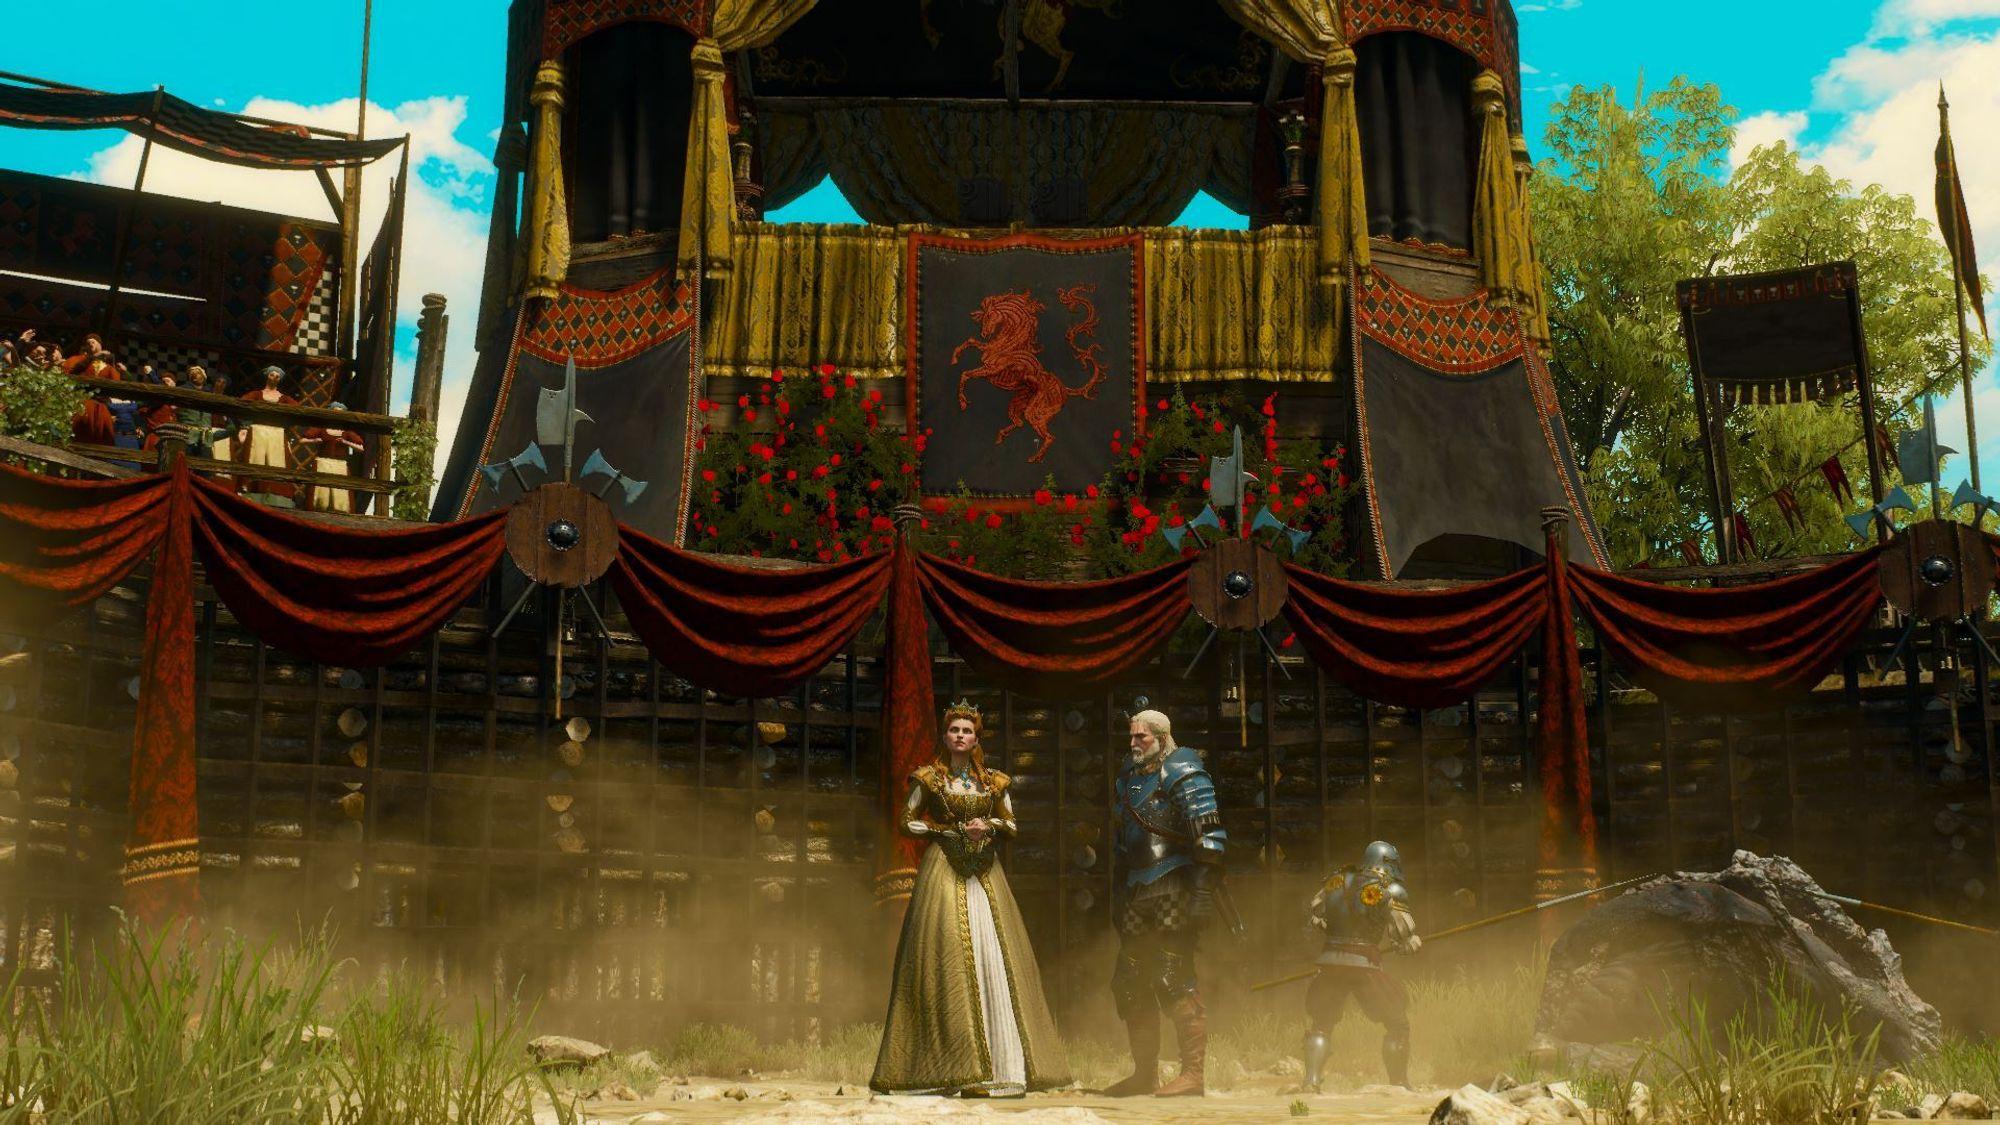 Man er vitne til noen vakre scener, spesielt når man deltar i turneringer. Hertuginne Anna Henrietta til venstre.